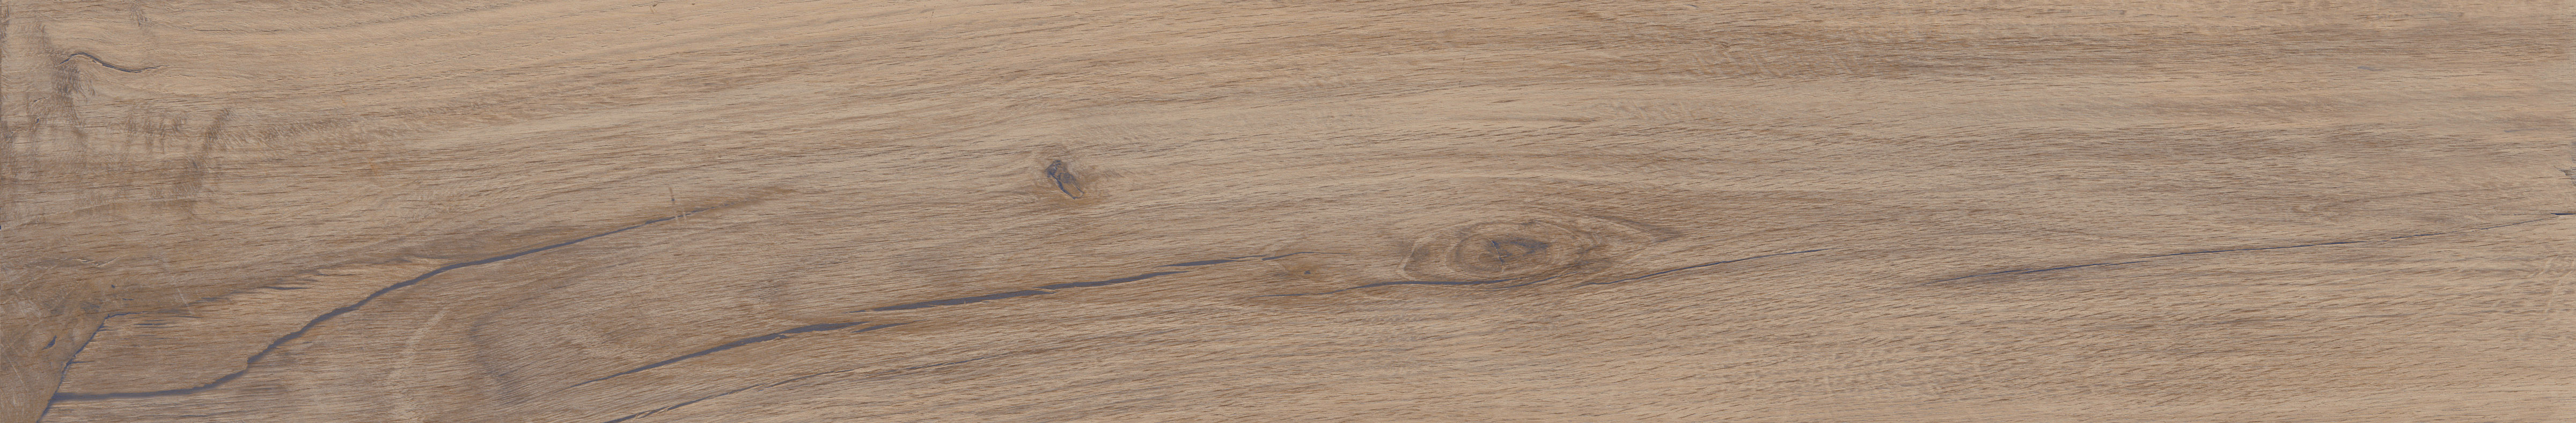 Плитка Allwood Brown (zzxwu6r) изображение 2